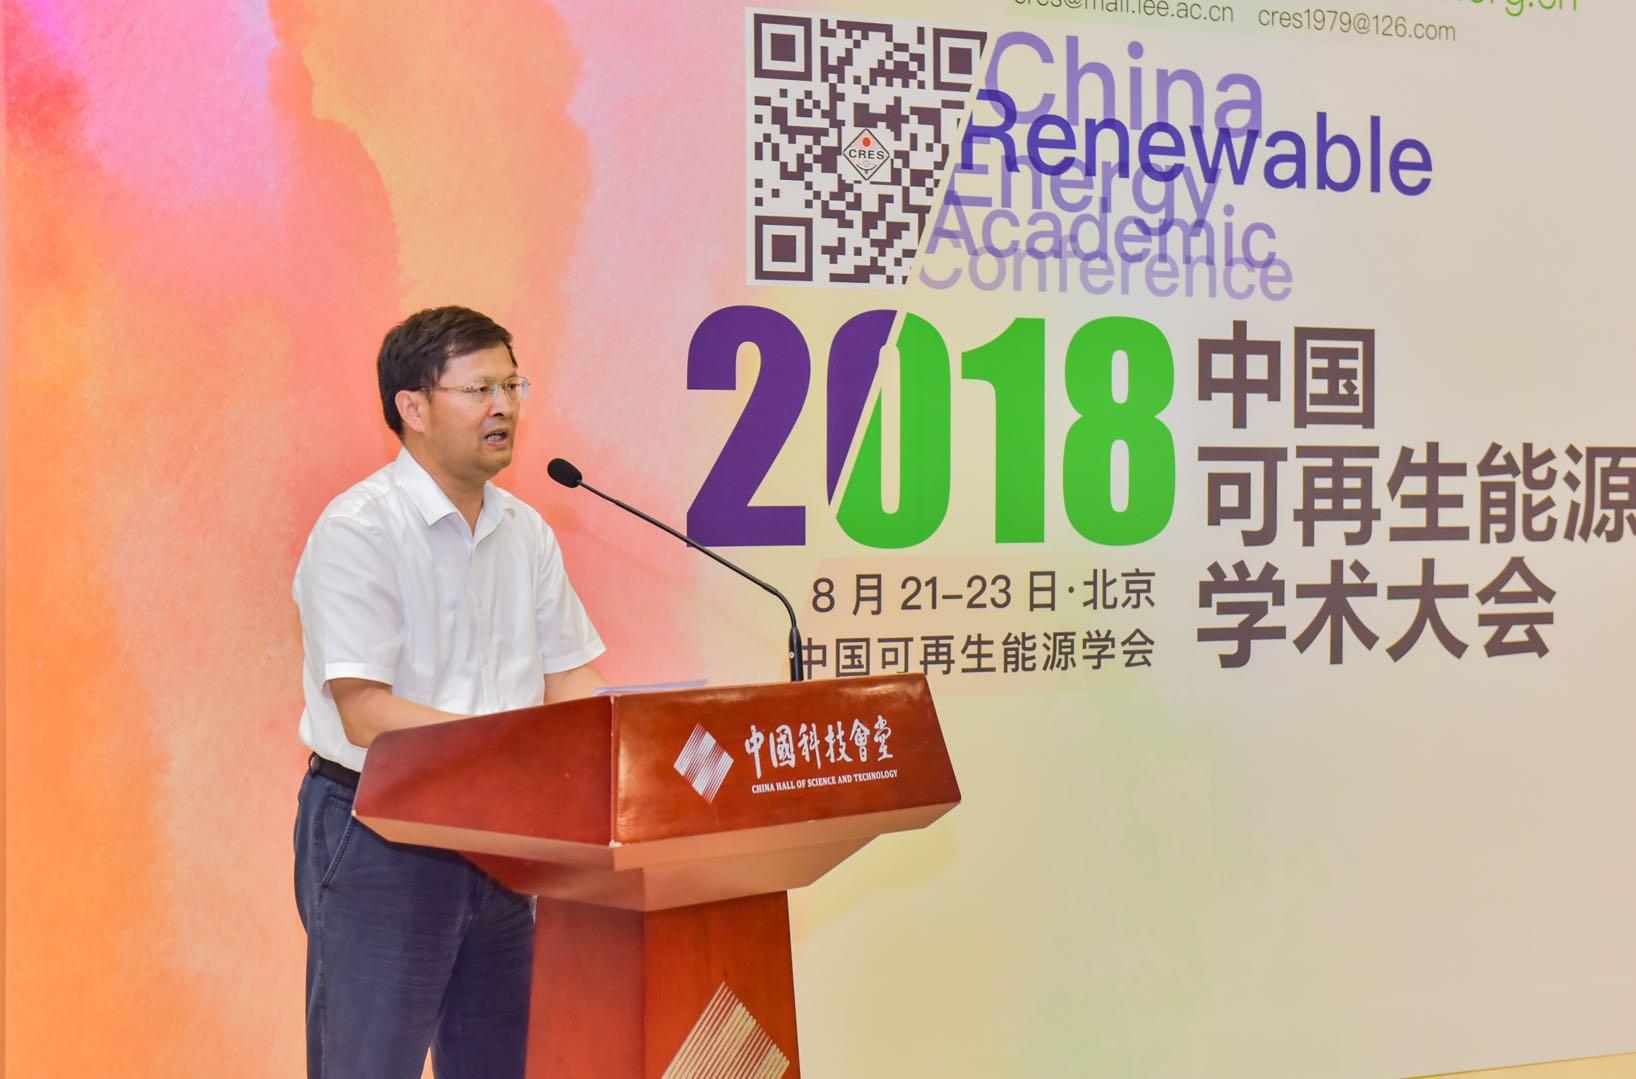 2018中国可再生能源学术大会即将召开